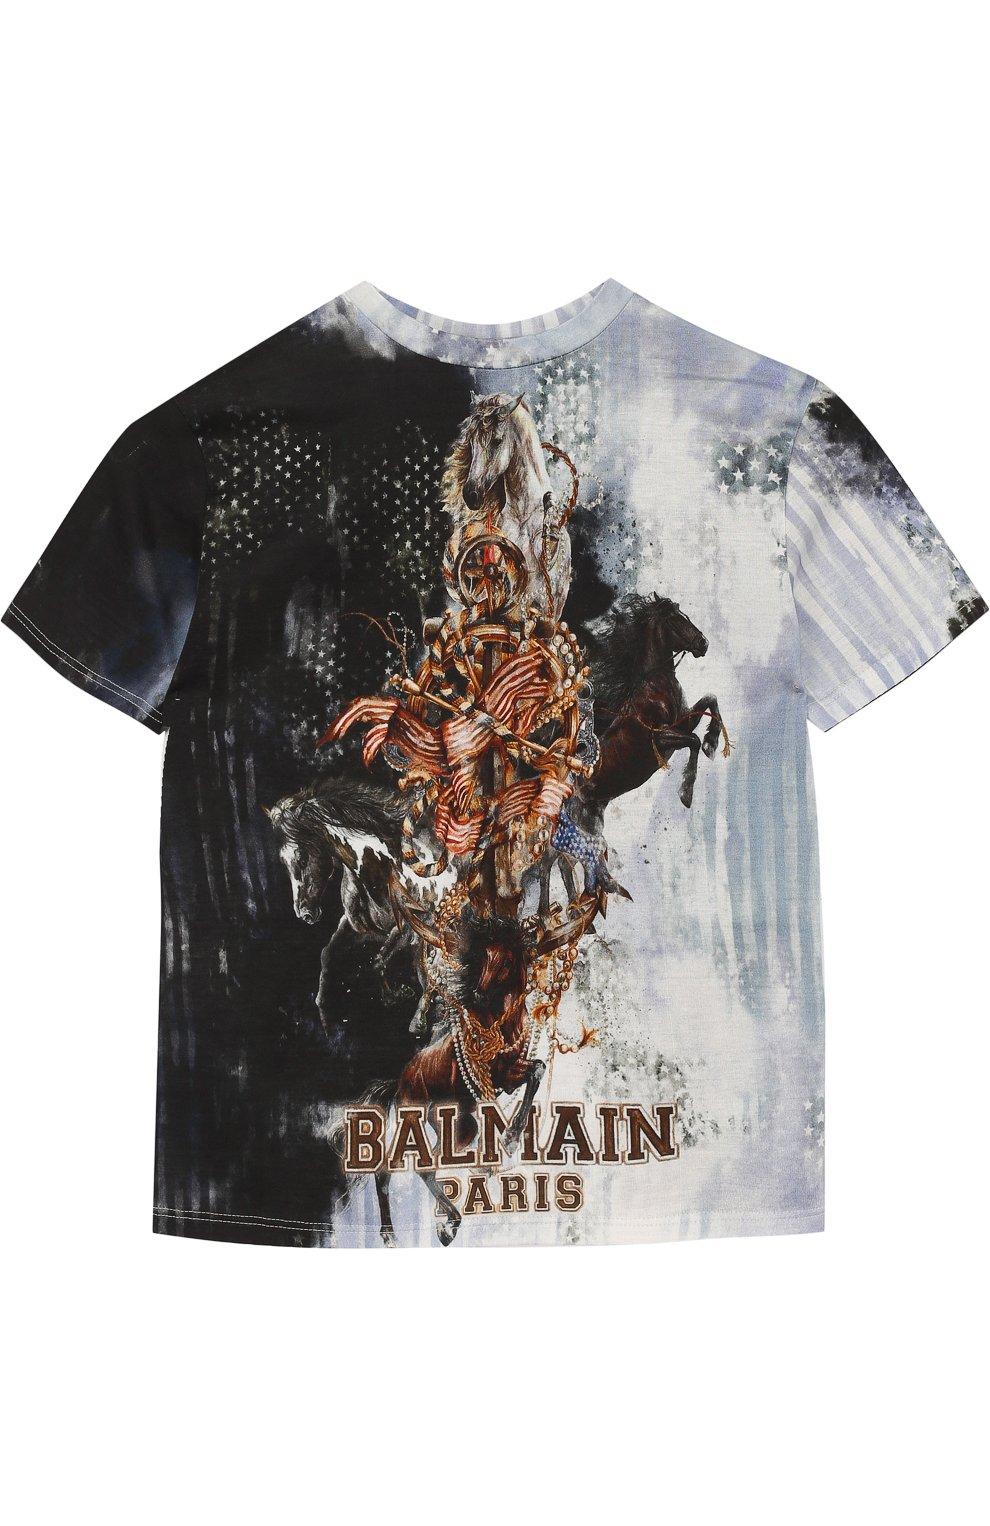 3dbf343d341 Детская хлопковая футболка с принтом BALMAIN разноцветного цвета ...